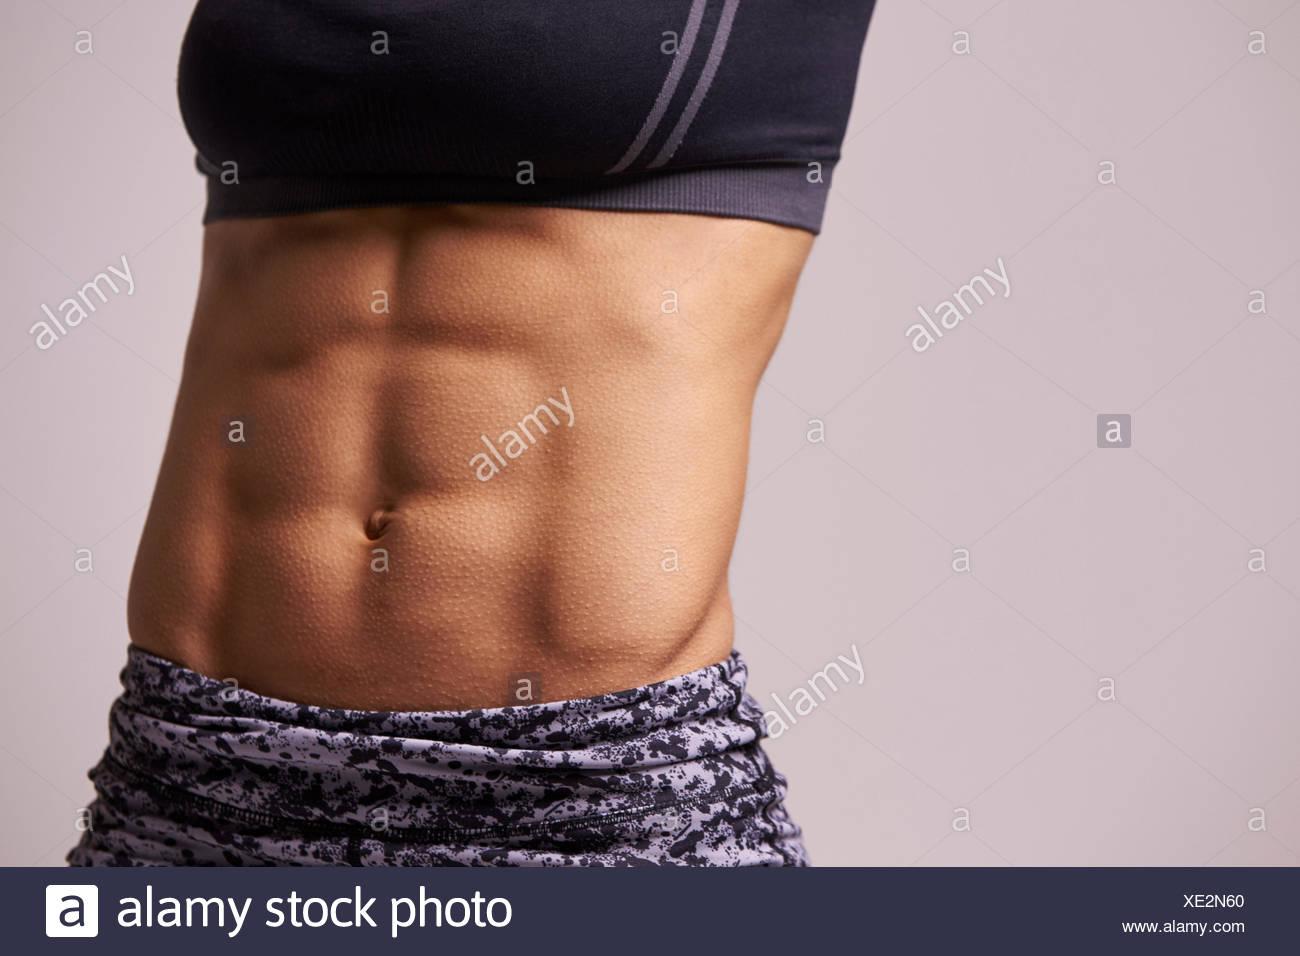 La mi-section de récolte l'abs de la jeune femme Banque D'Images